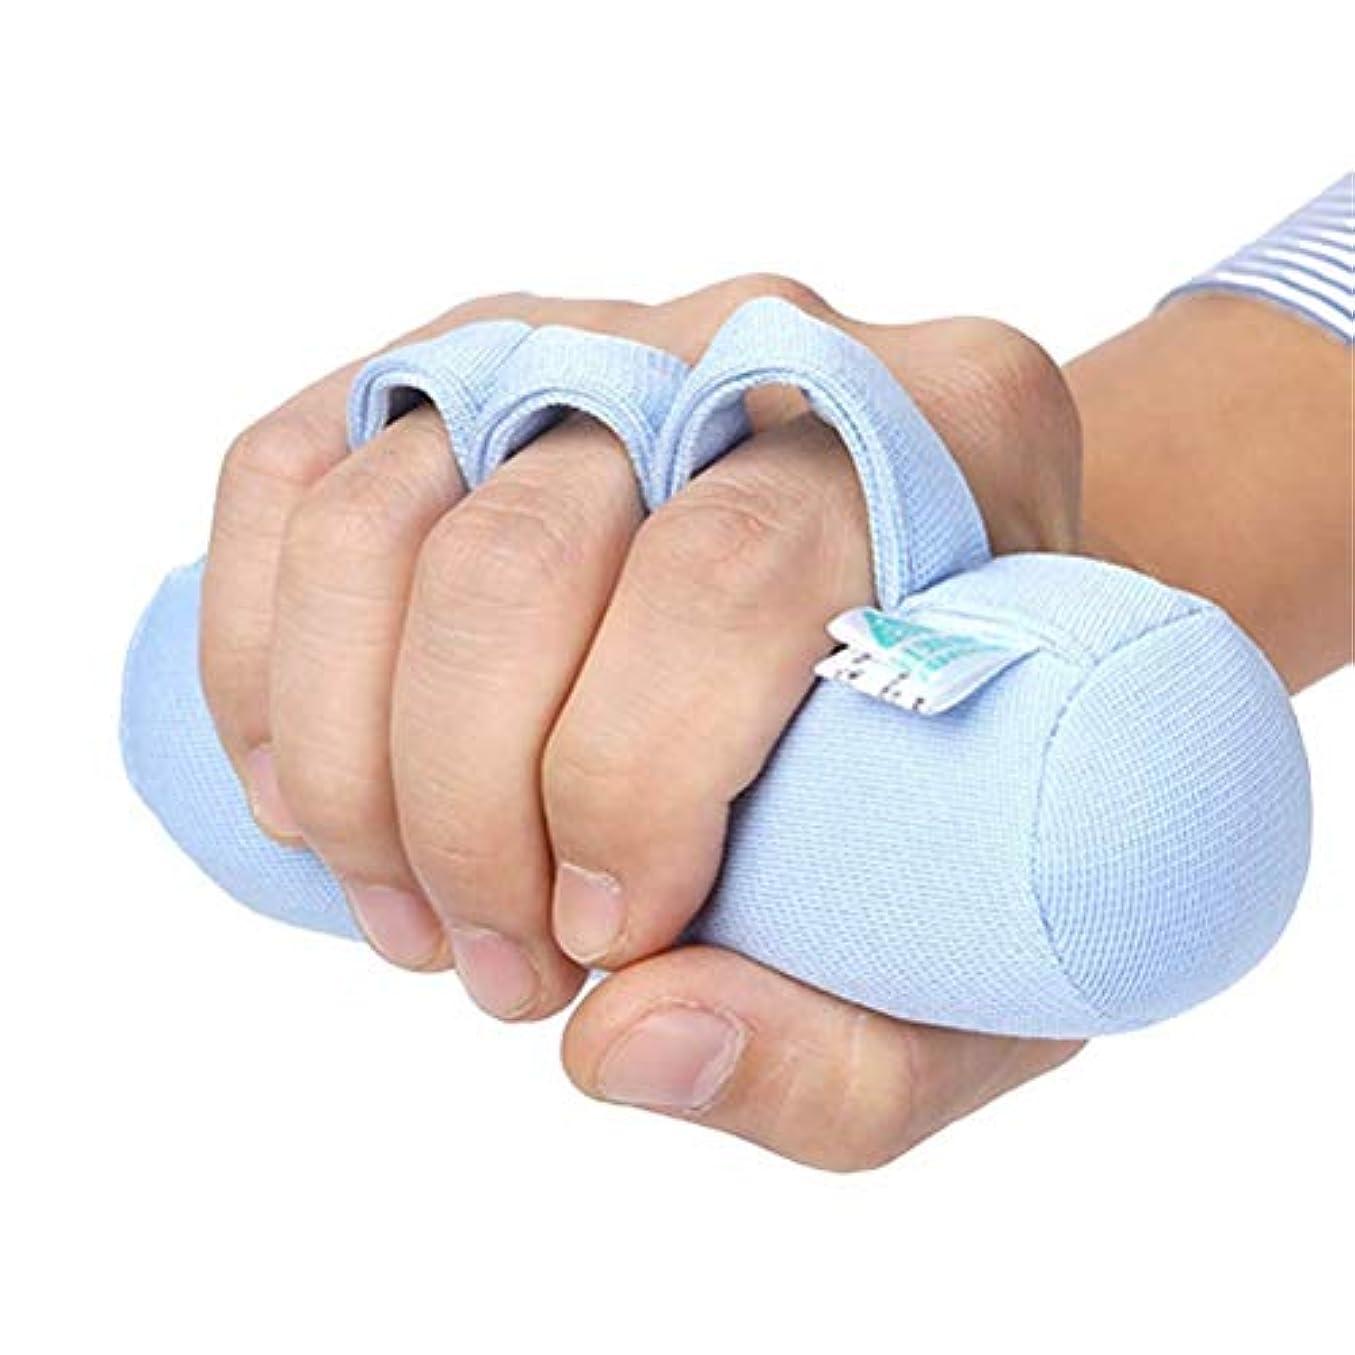 欠席サービス作り上げる左右の手に適した指セパレーター手拘縮装具、高齢者のスポーツ指のリハビリ、ベッドに乗った患者抗褥瘡ケアパッド、